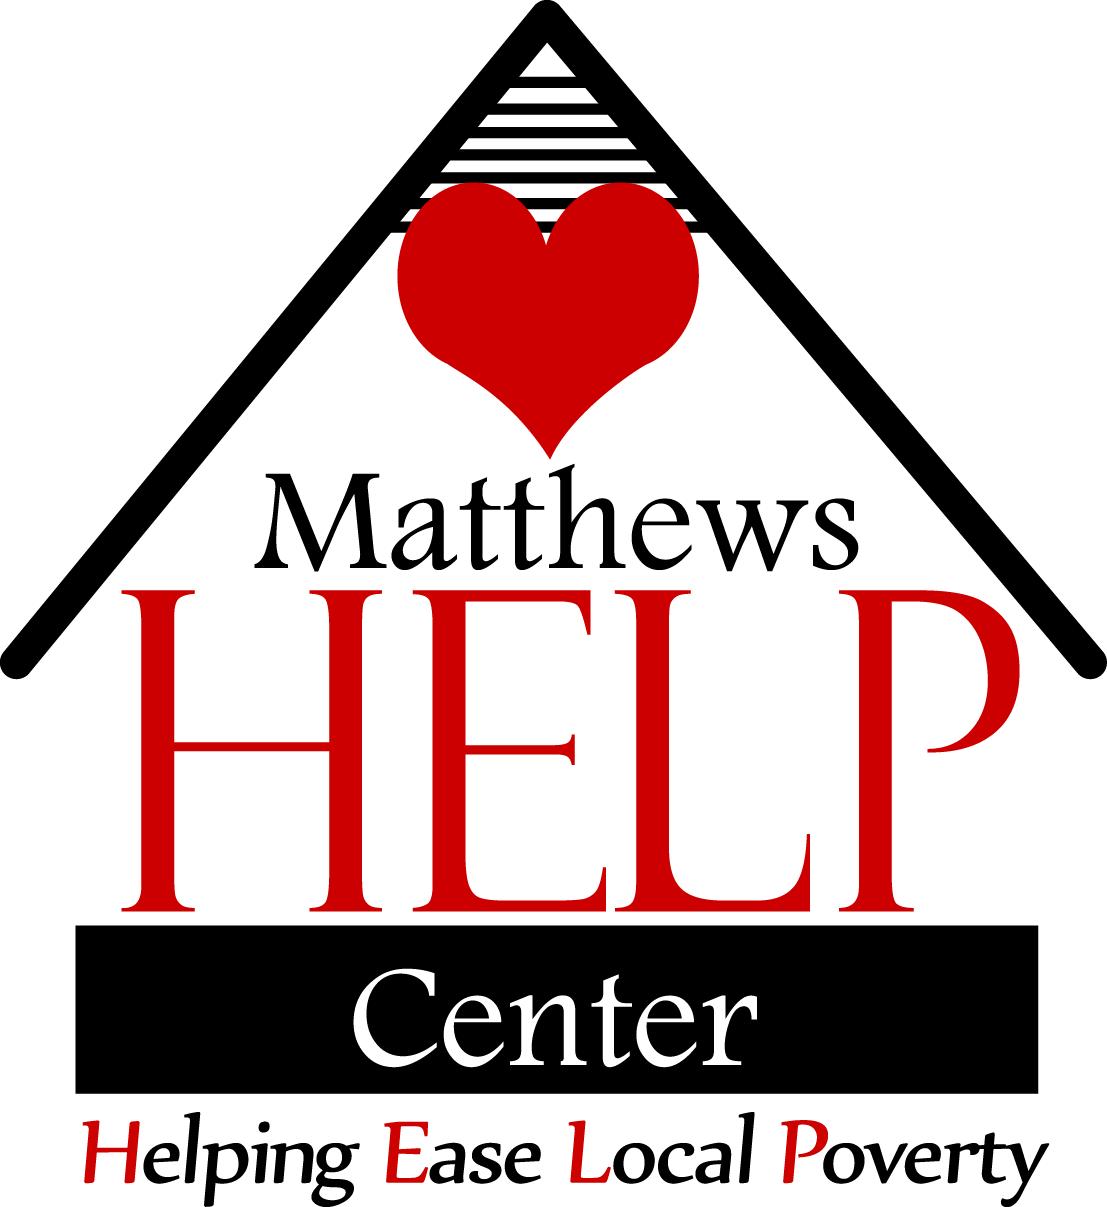 Matthews Help Center